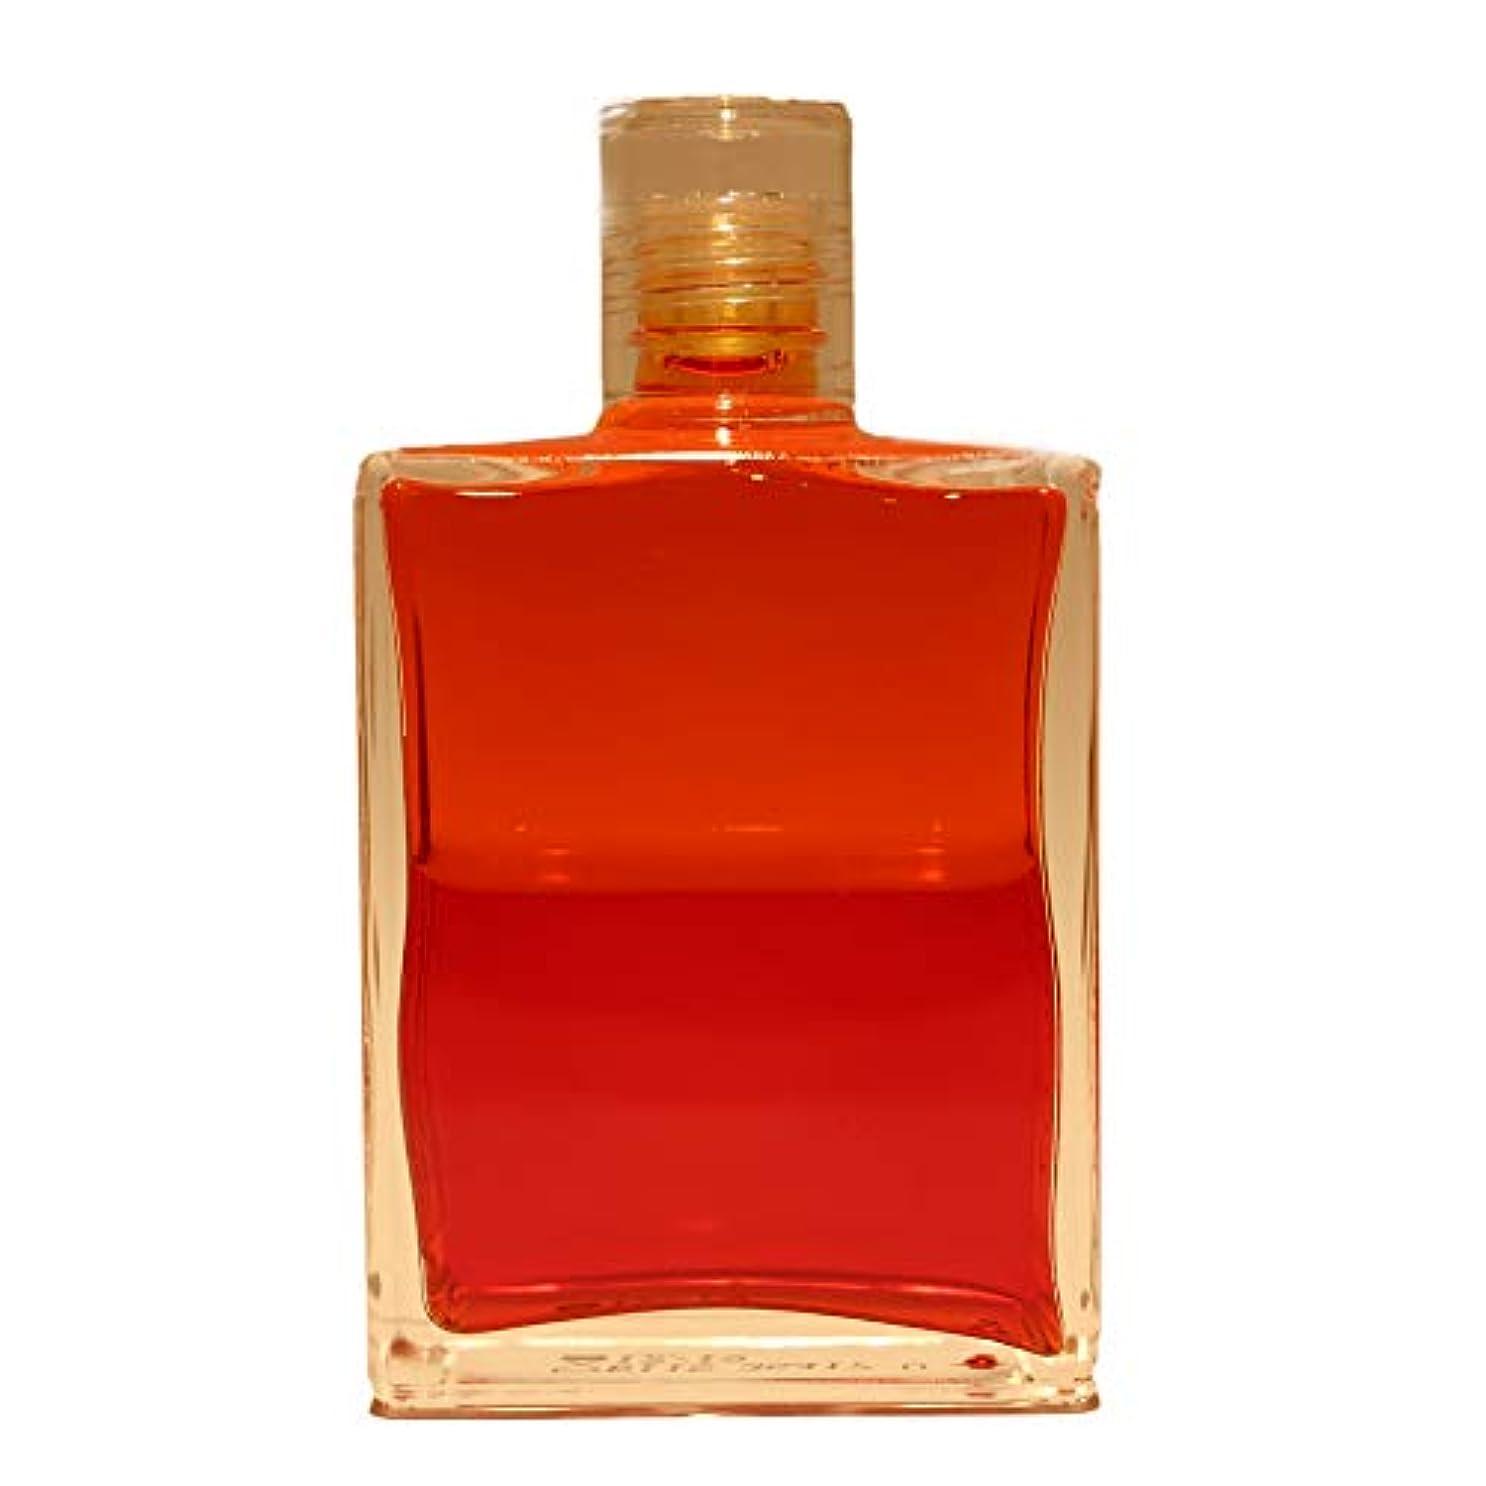 評価するするだろう怖がって死ぬAURA-SOMA PRODUCTS オーラソーマ イクイリブリアム B115 大天使ケミエルとアリエル 化粧水 オレンジ/レッド 50ml